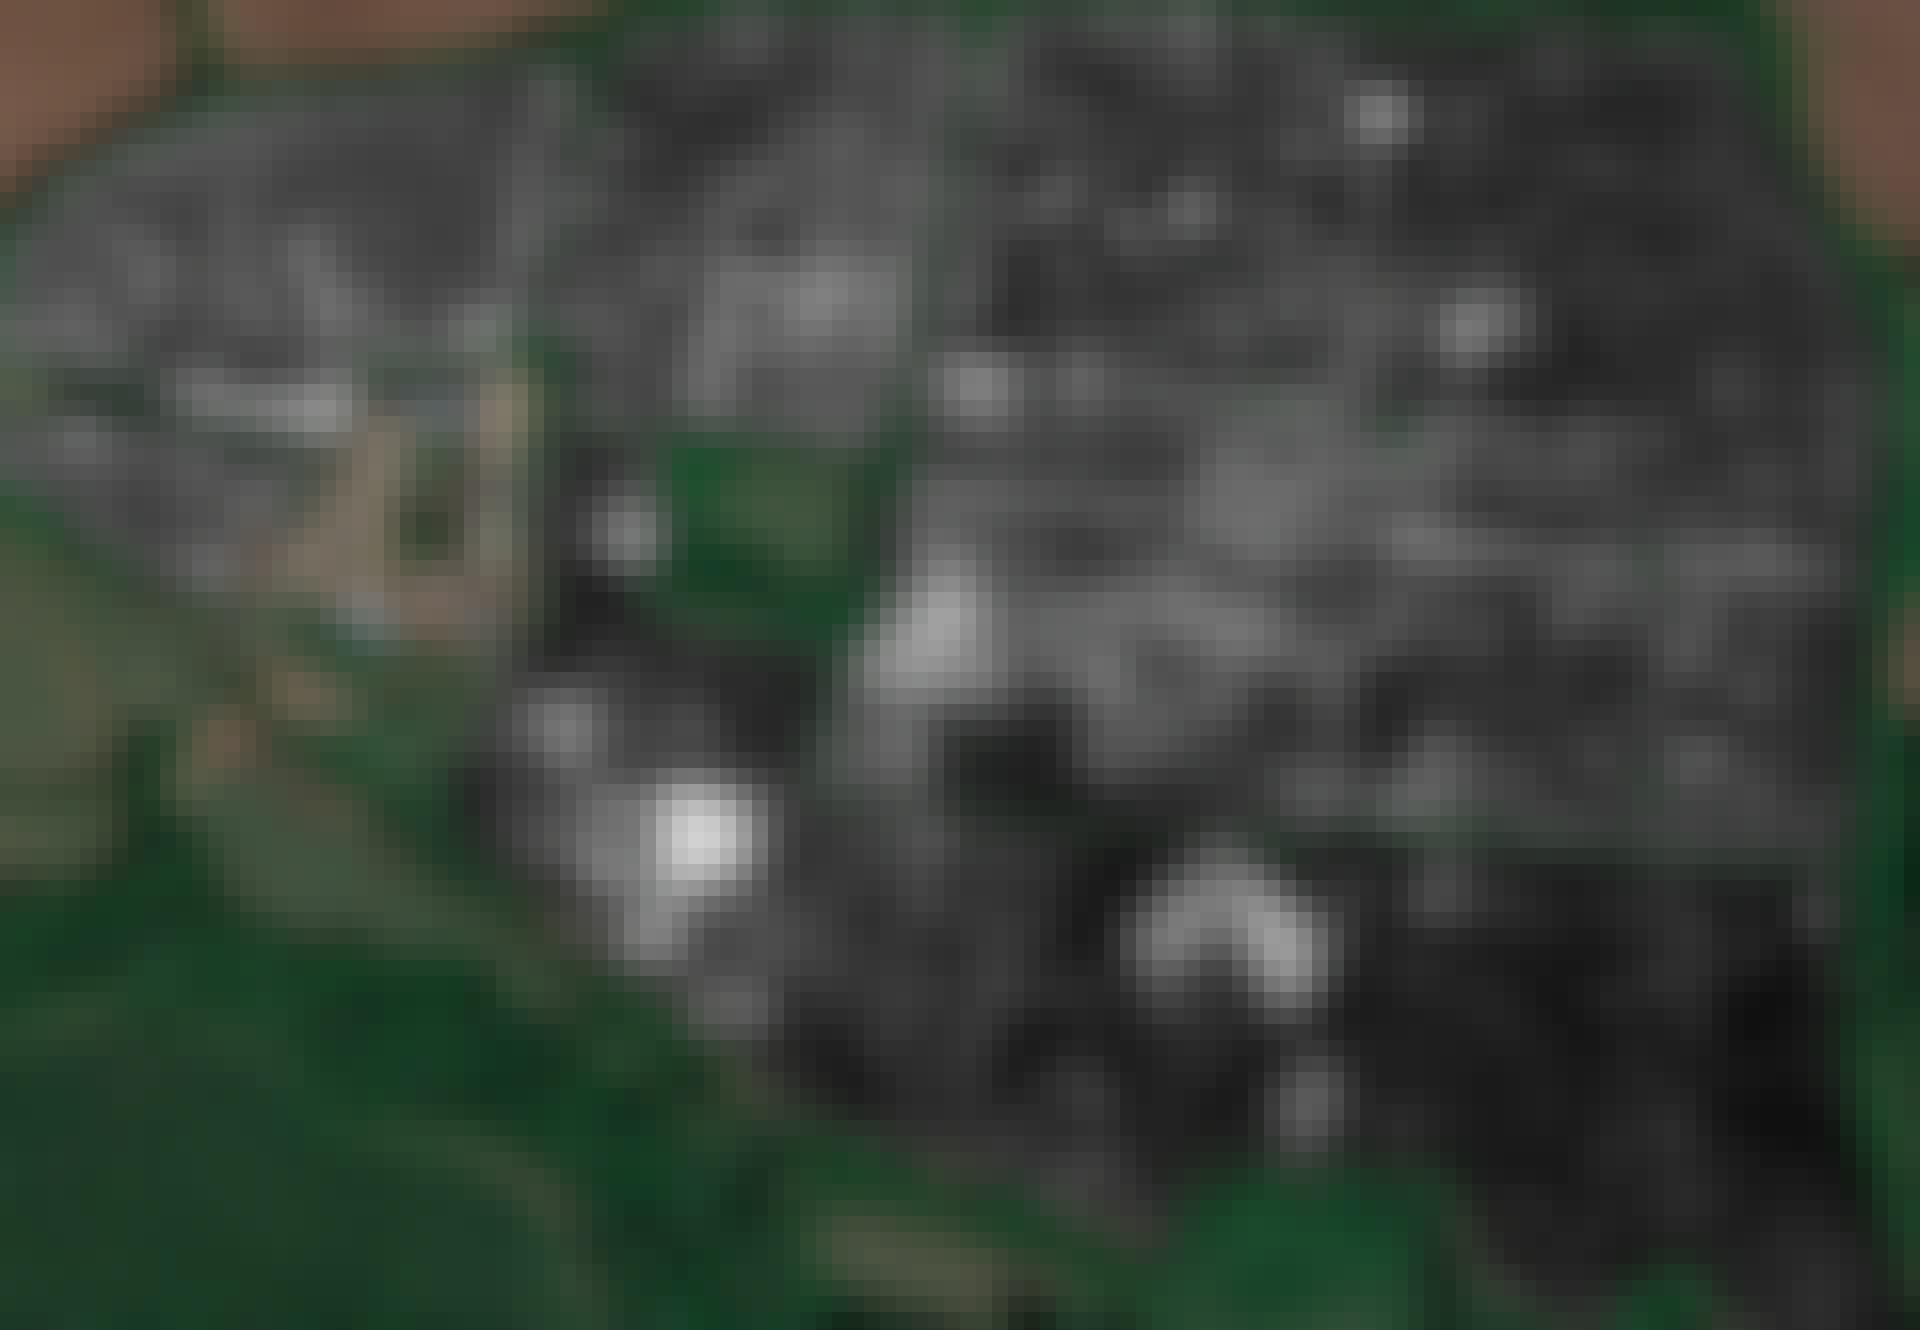 Falerii Novi, radarbeelden van antieke stad